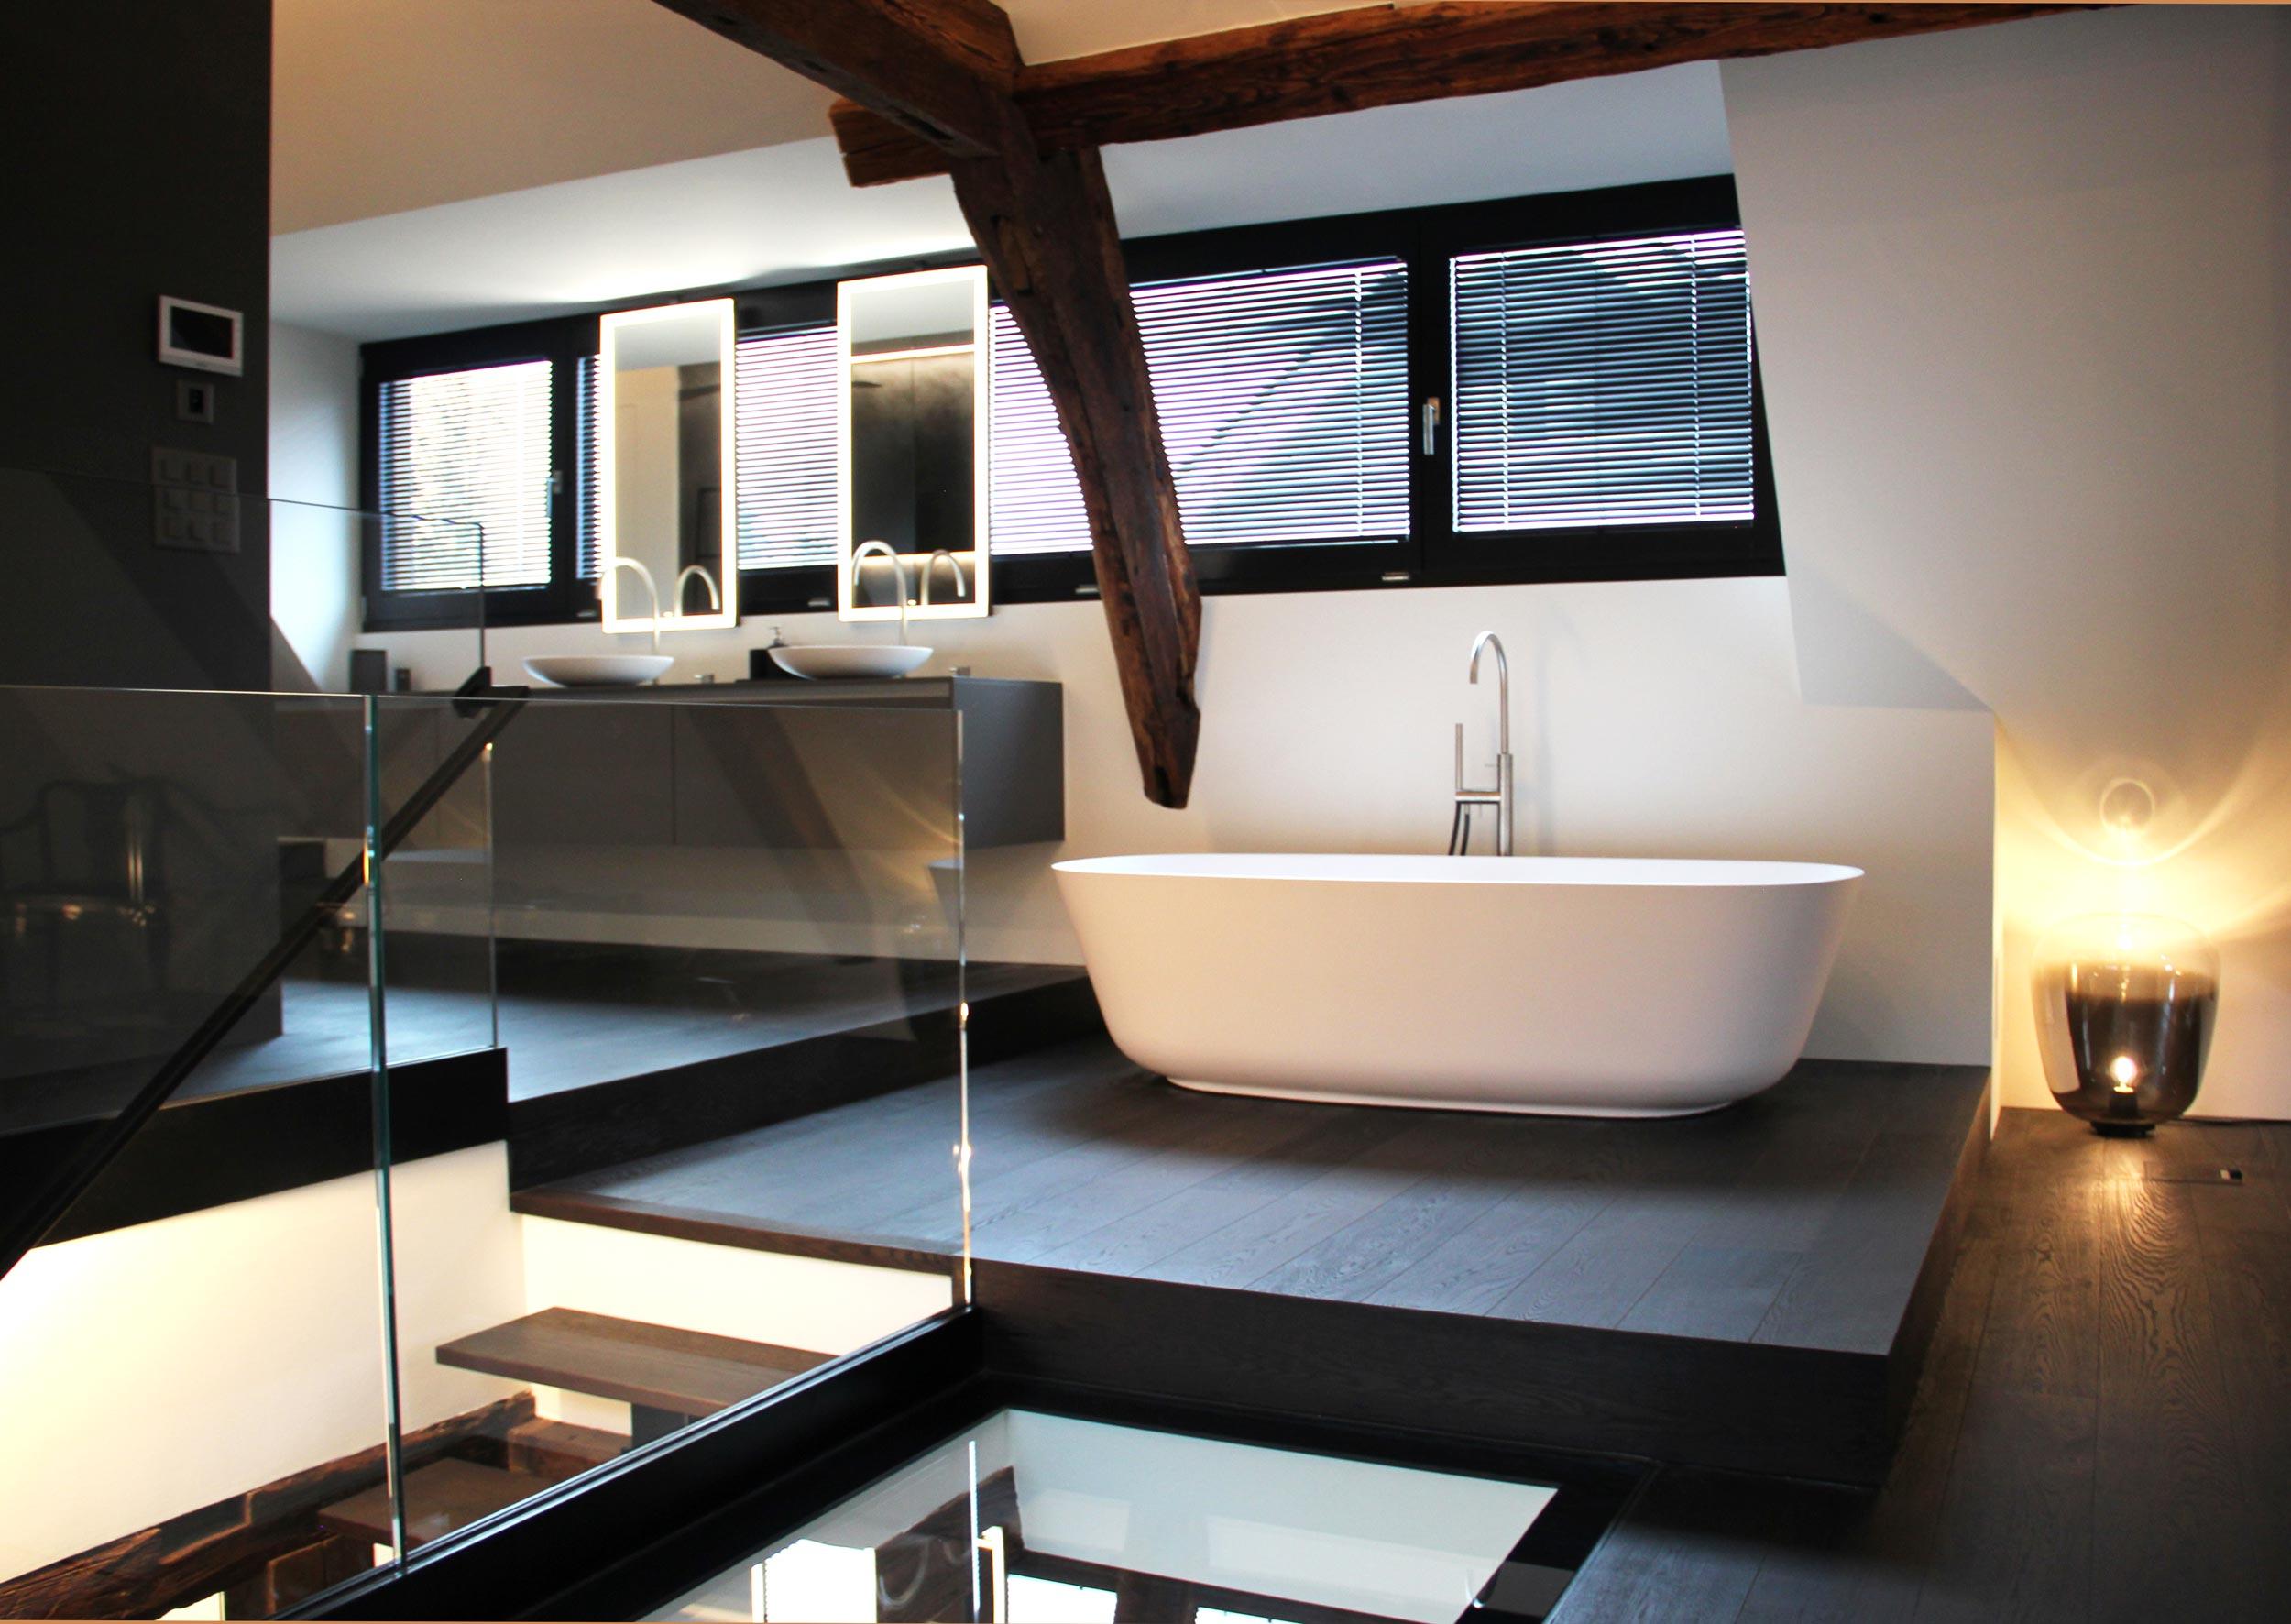 Im Innenbereich sorgen moderne Elemente und solche aus früheren Zeiten für ein besonderes Flair.